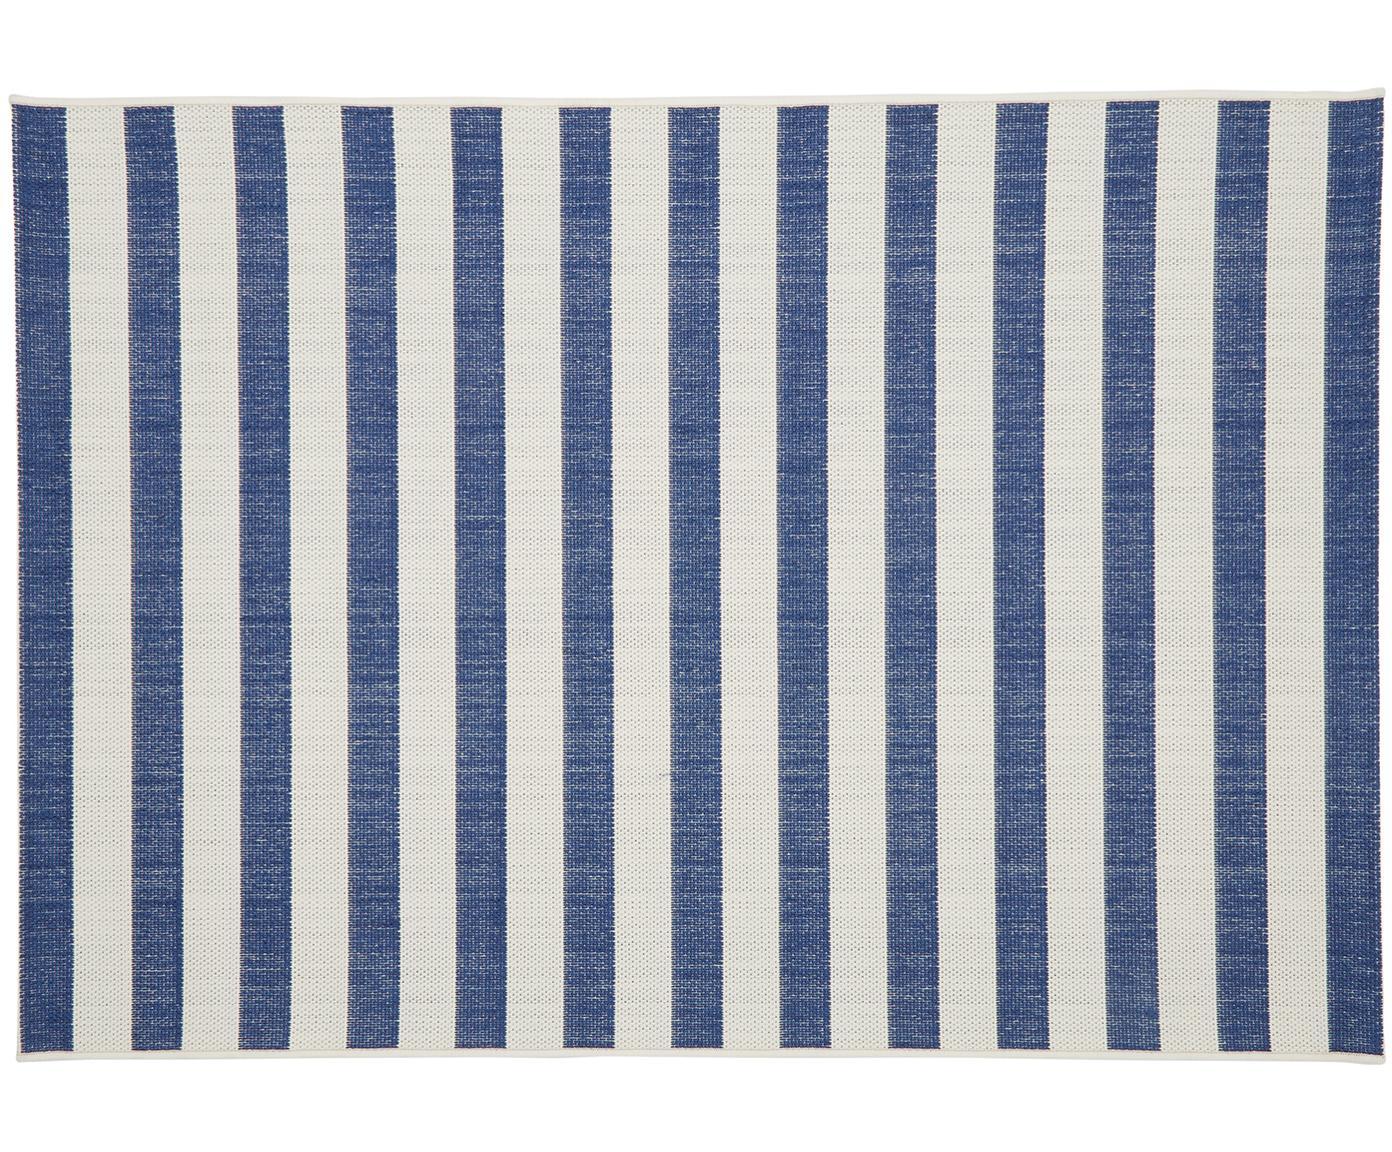 Tappeto da interno-esterno a righe Axa, Retro: poliestere, Bianco crema, blu, Larg. 160 x Lung. 230 cm (taglia M)